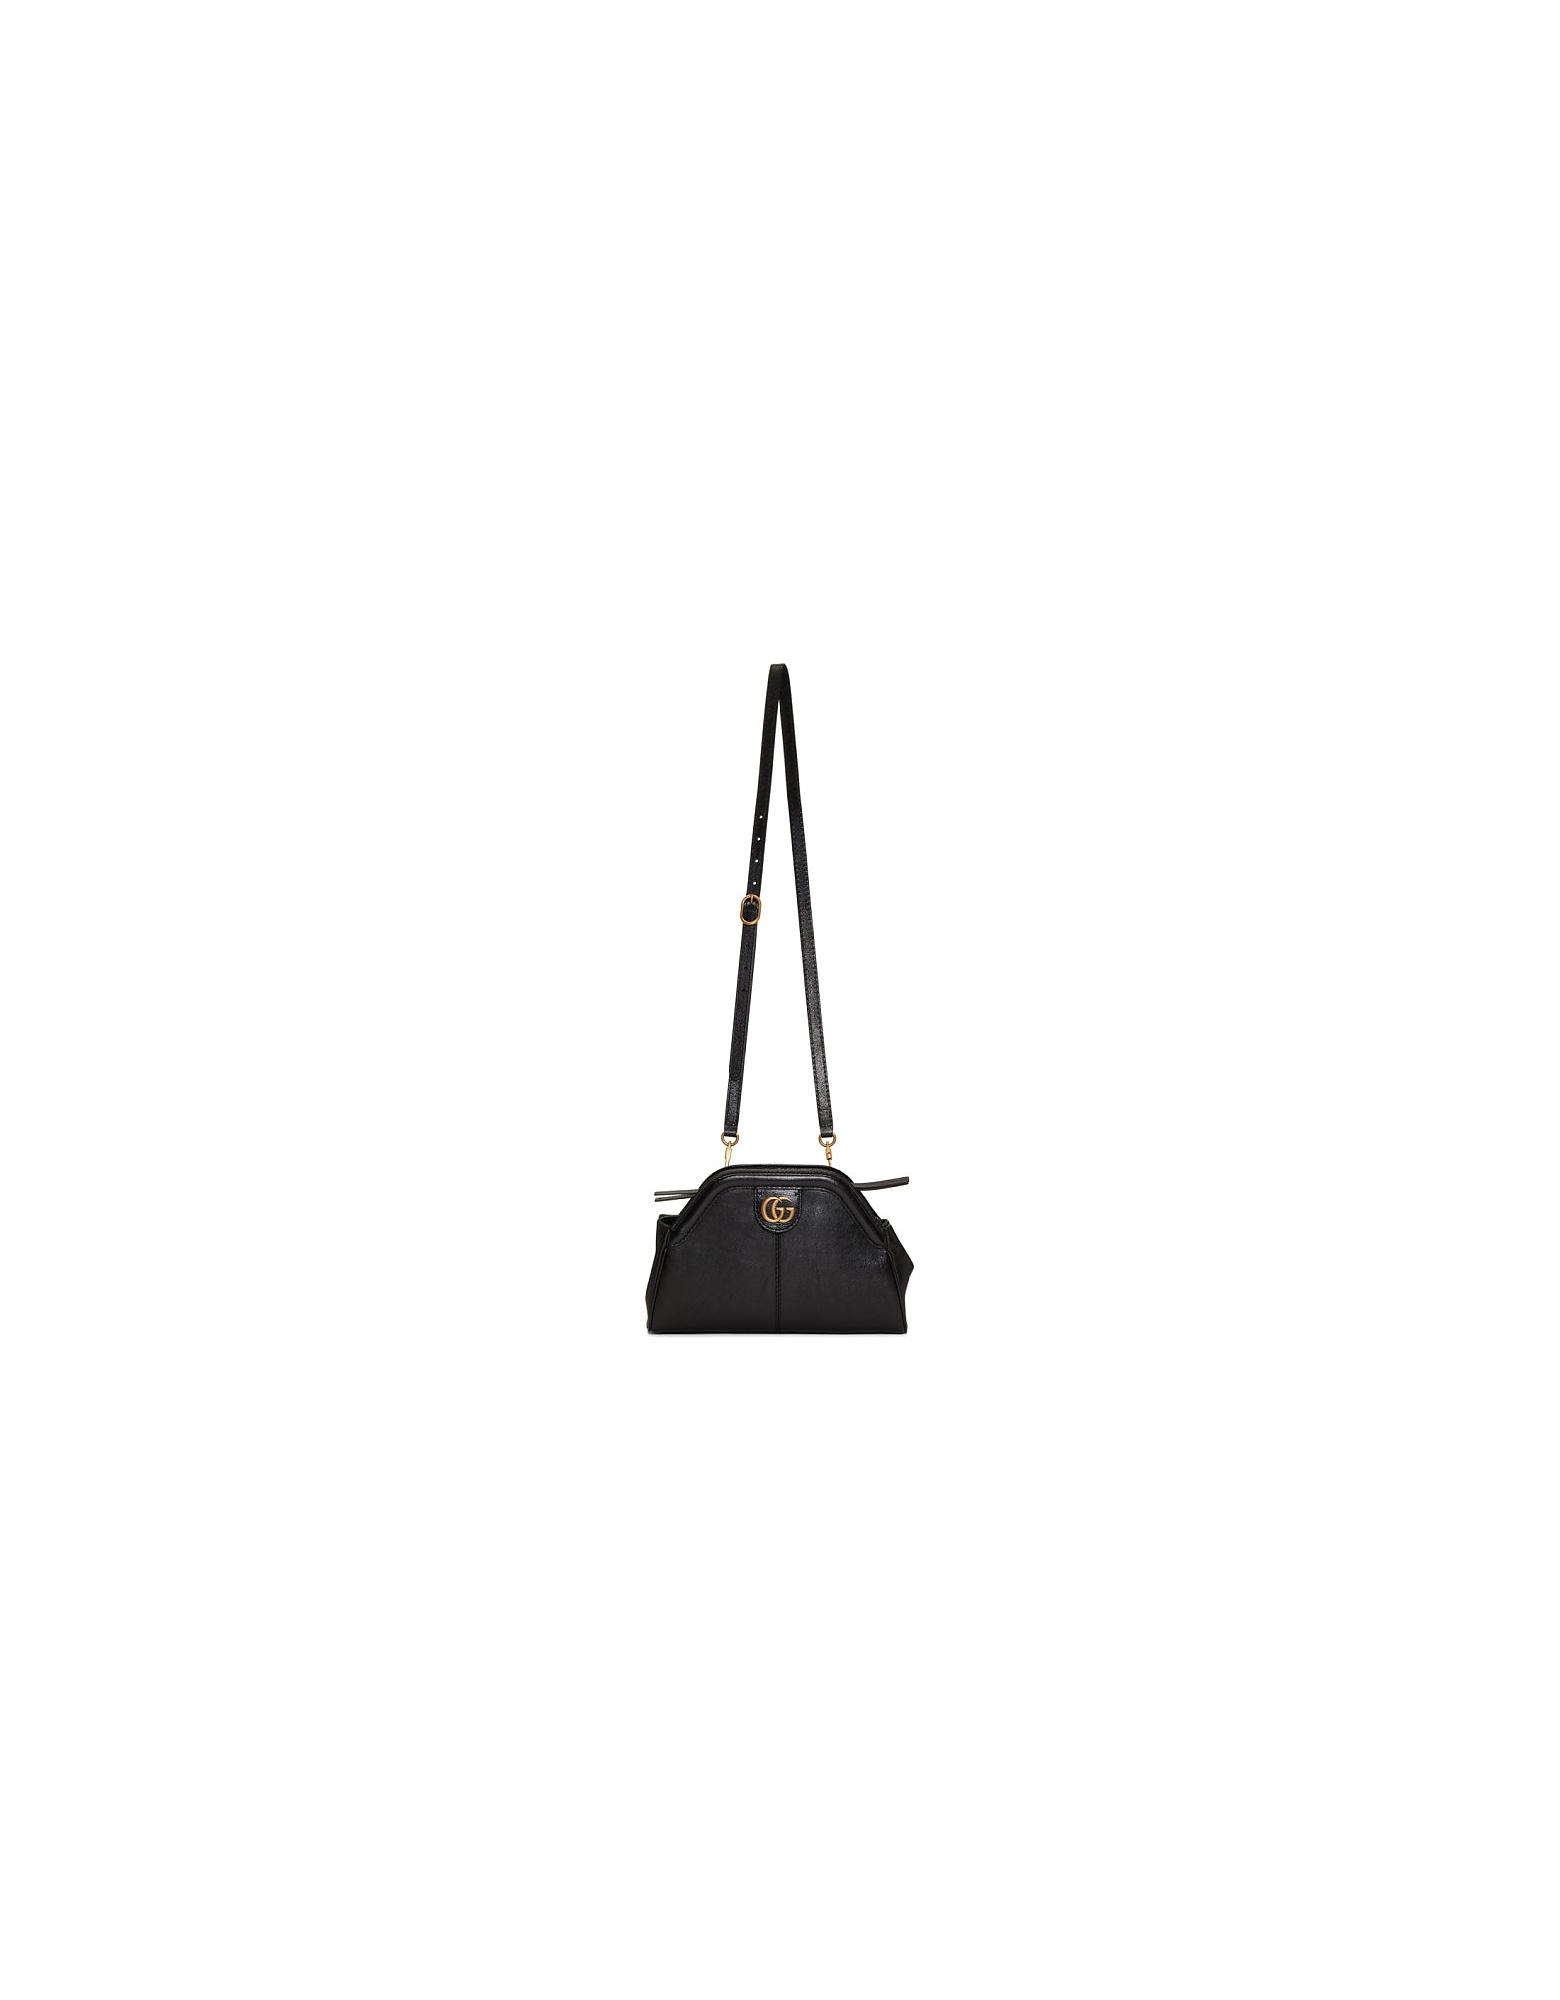 Gucci Designer Handbags, Black Small Linea Shoulder Bag